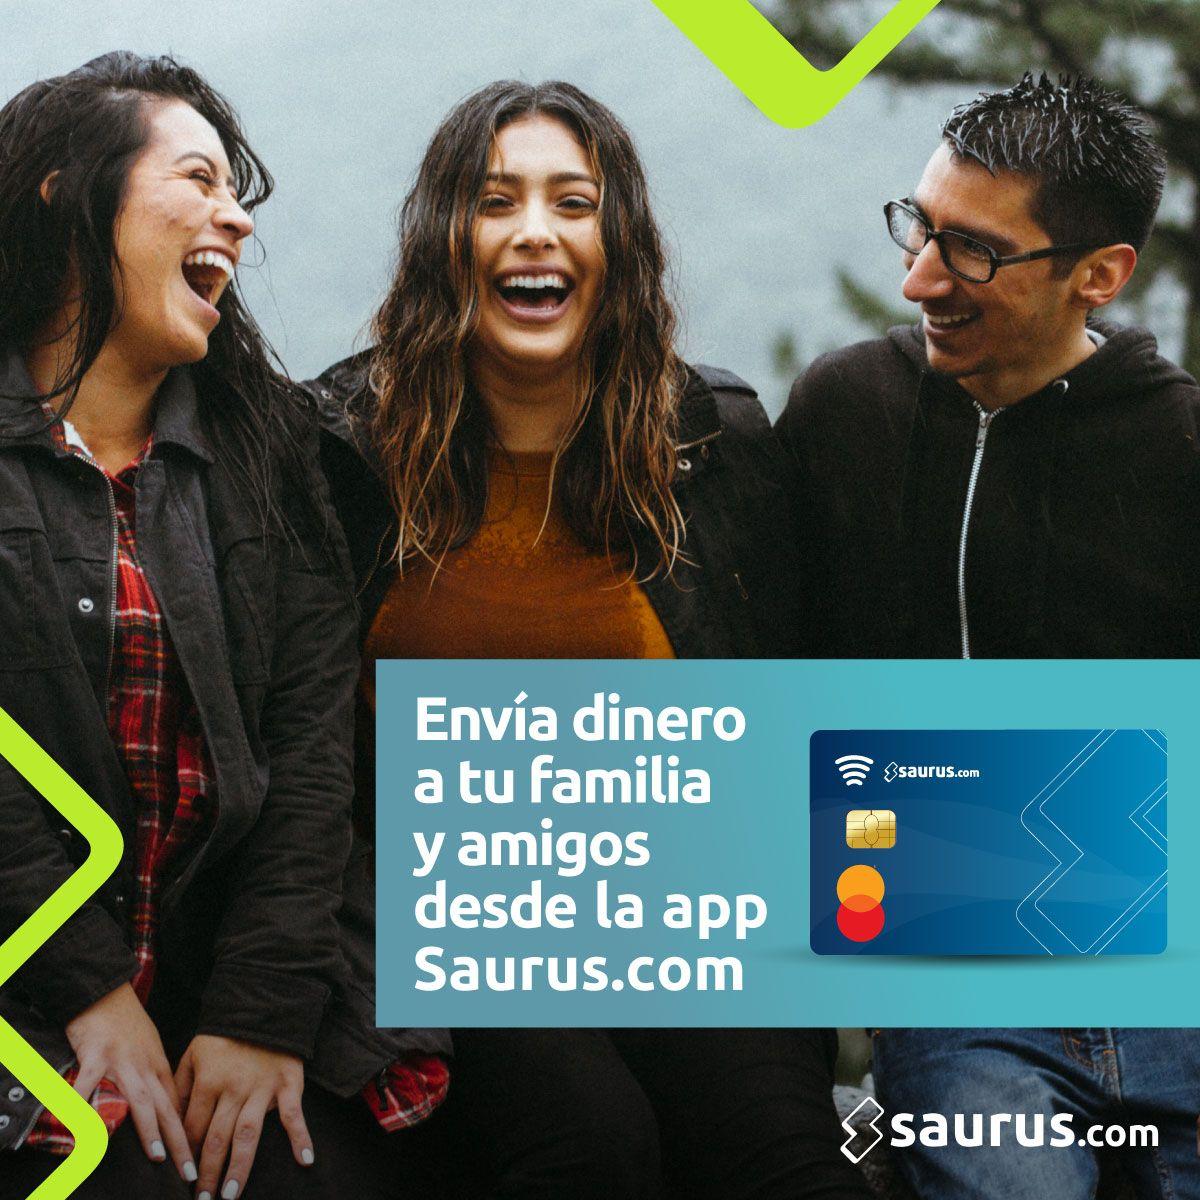 La nueva fintech Saurus.com se potencia gracias a su portfolio de patentes